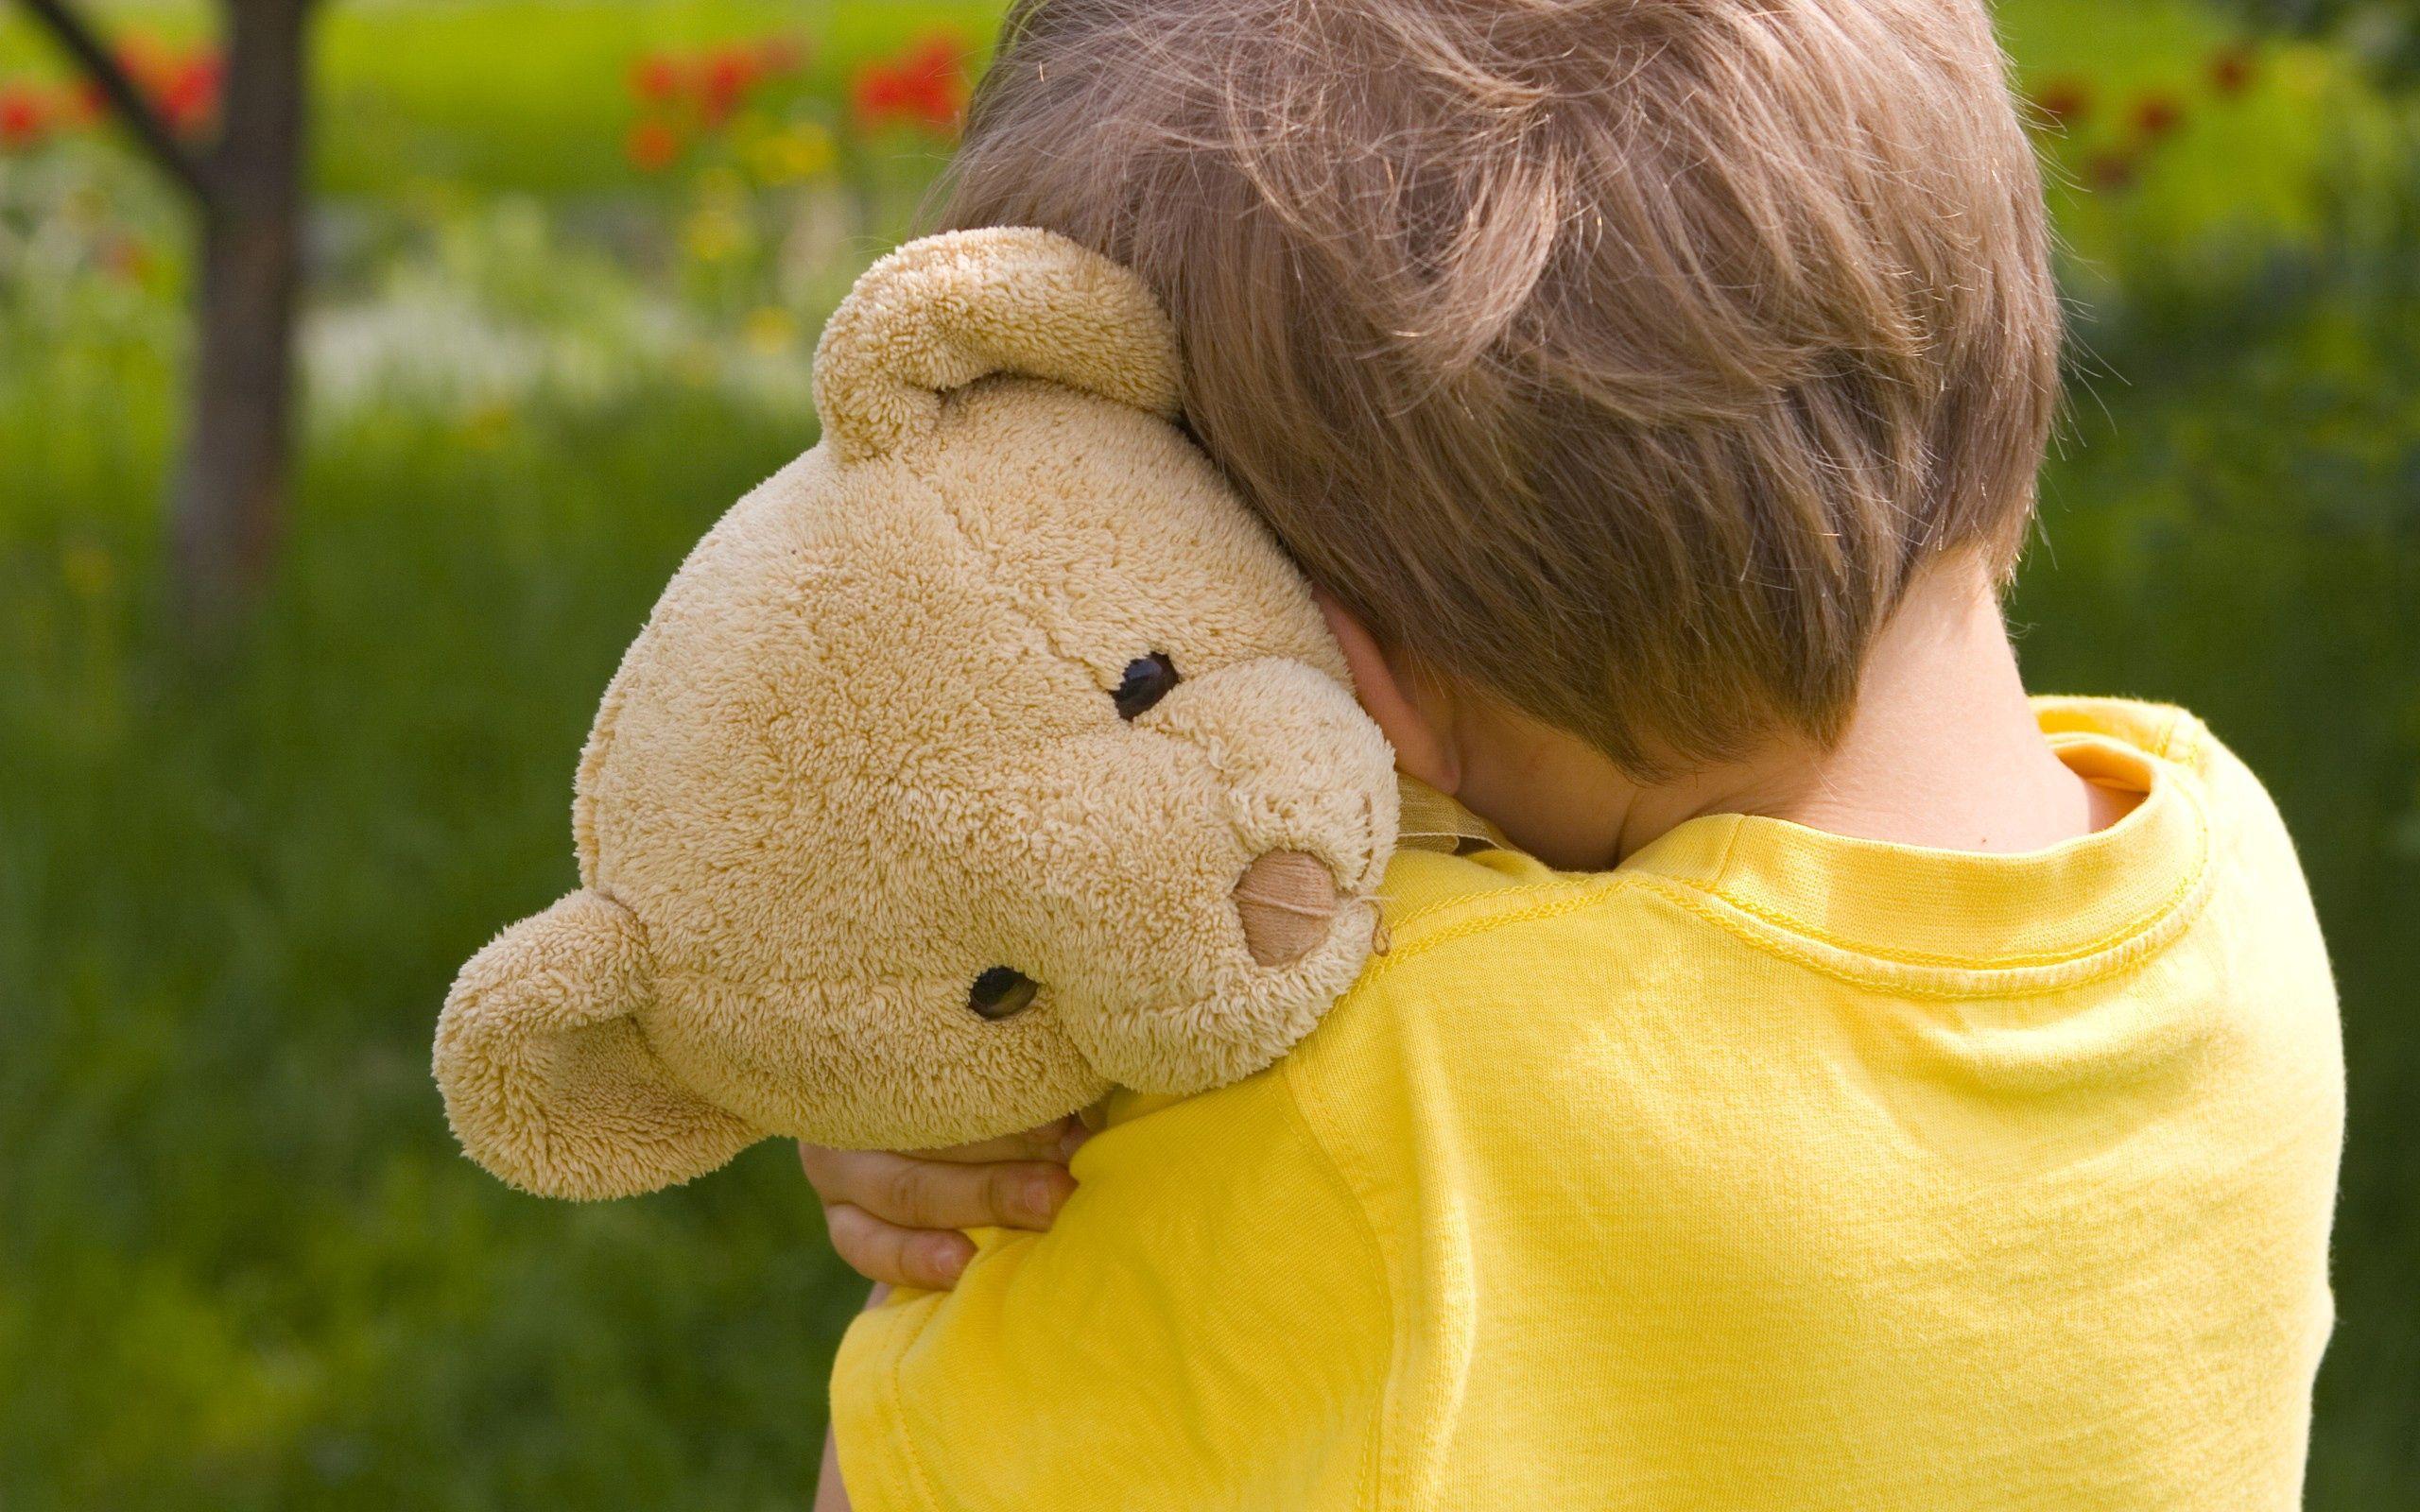 95471 скачать обои Разное, Ребенок, Игрушка, Плюшевый Медведь, Настроение - заставки и картинки бесплатно